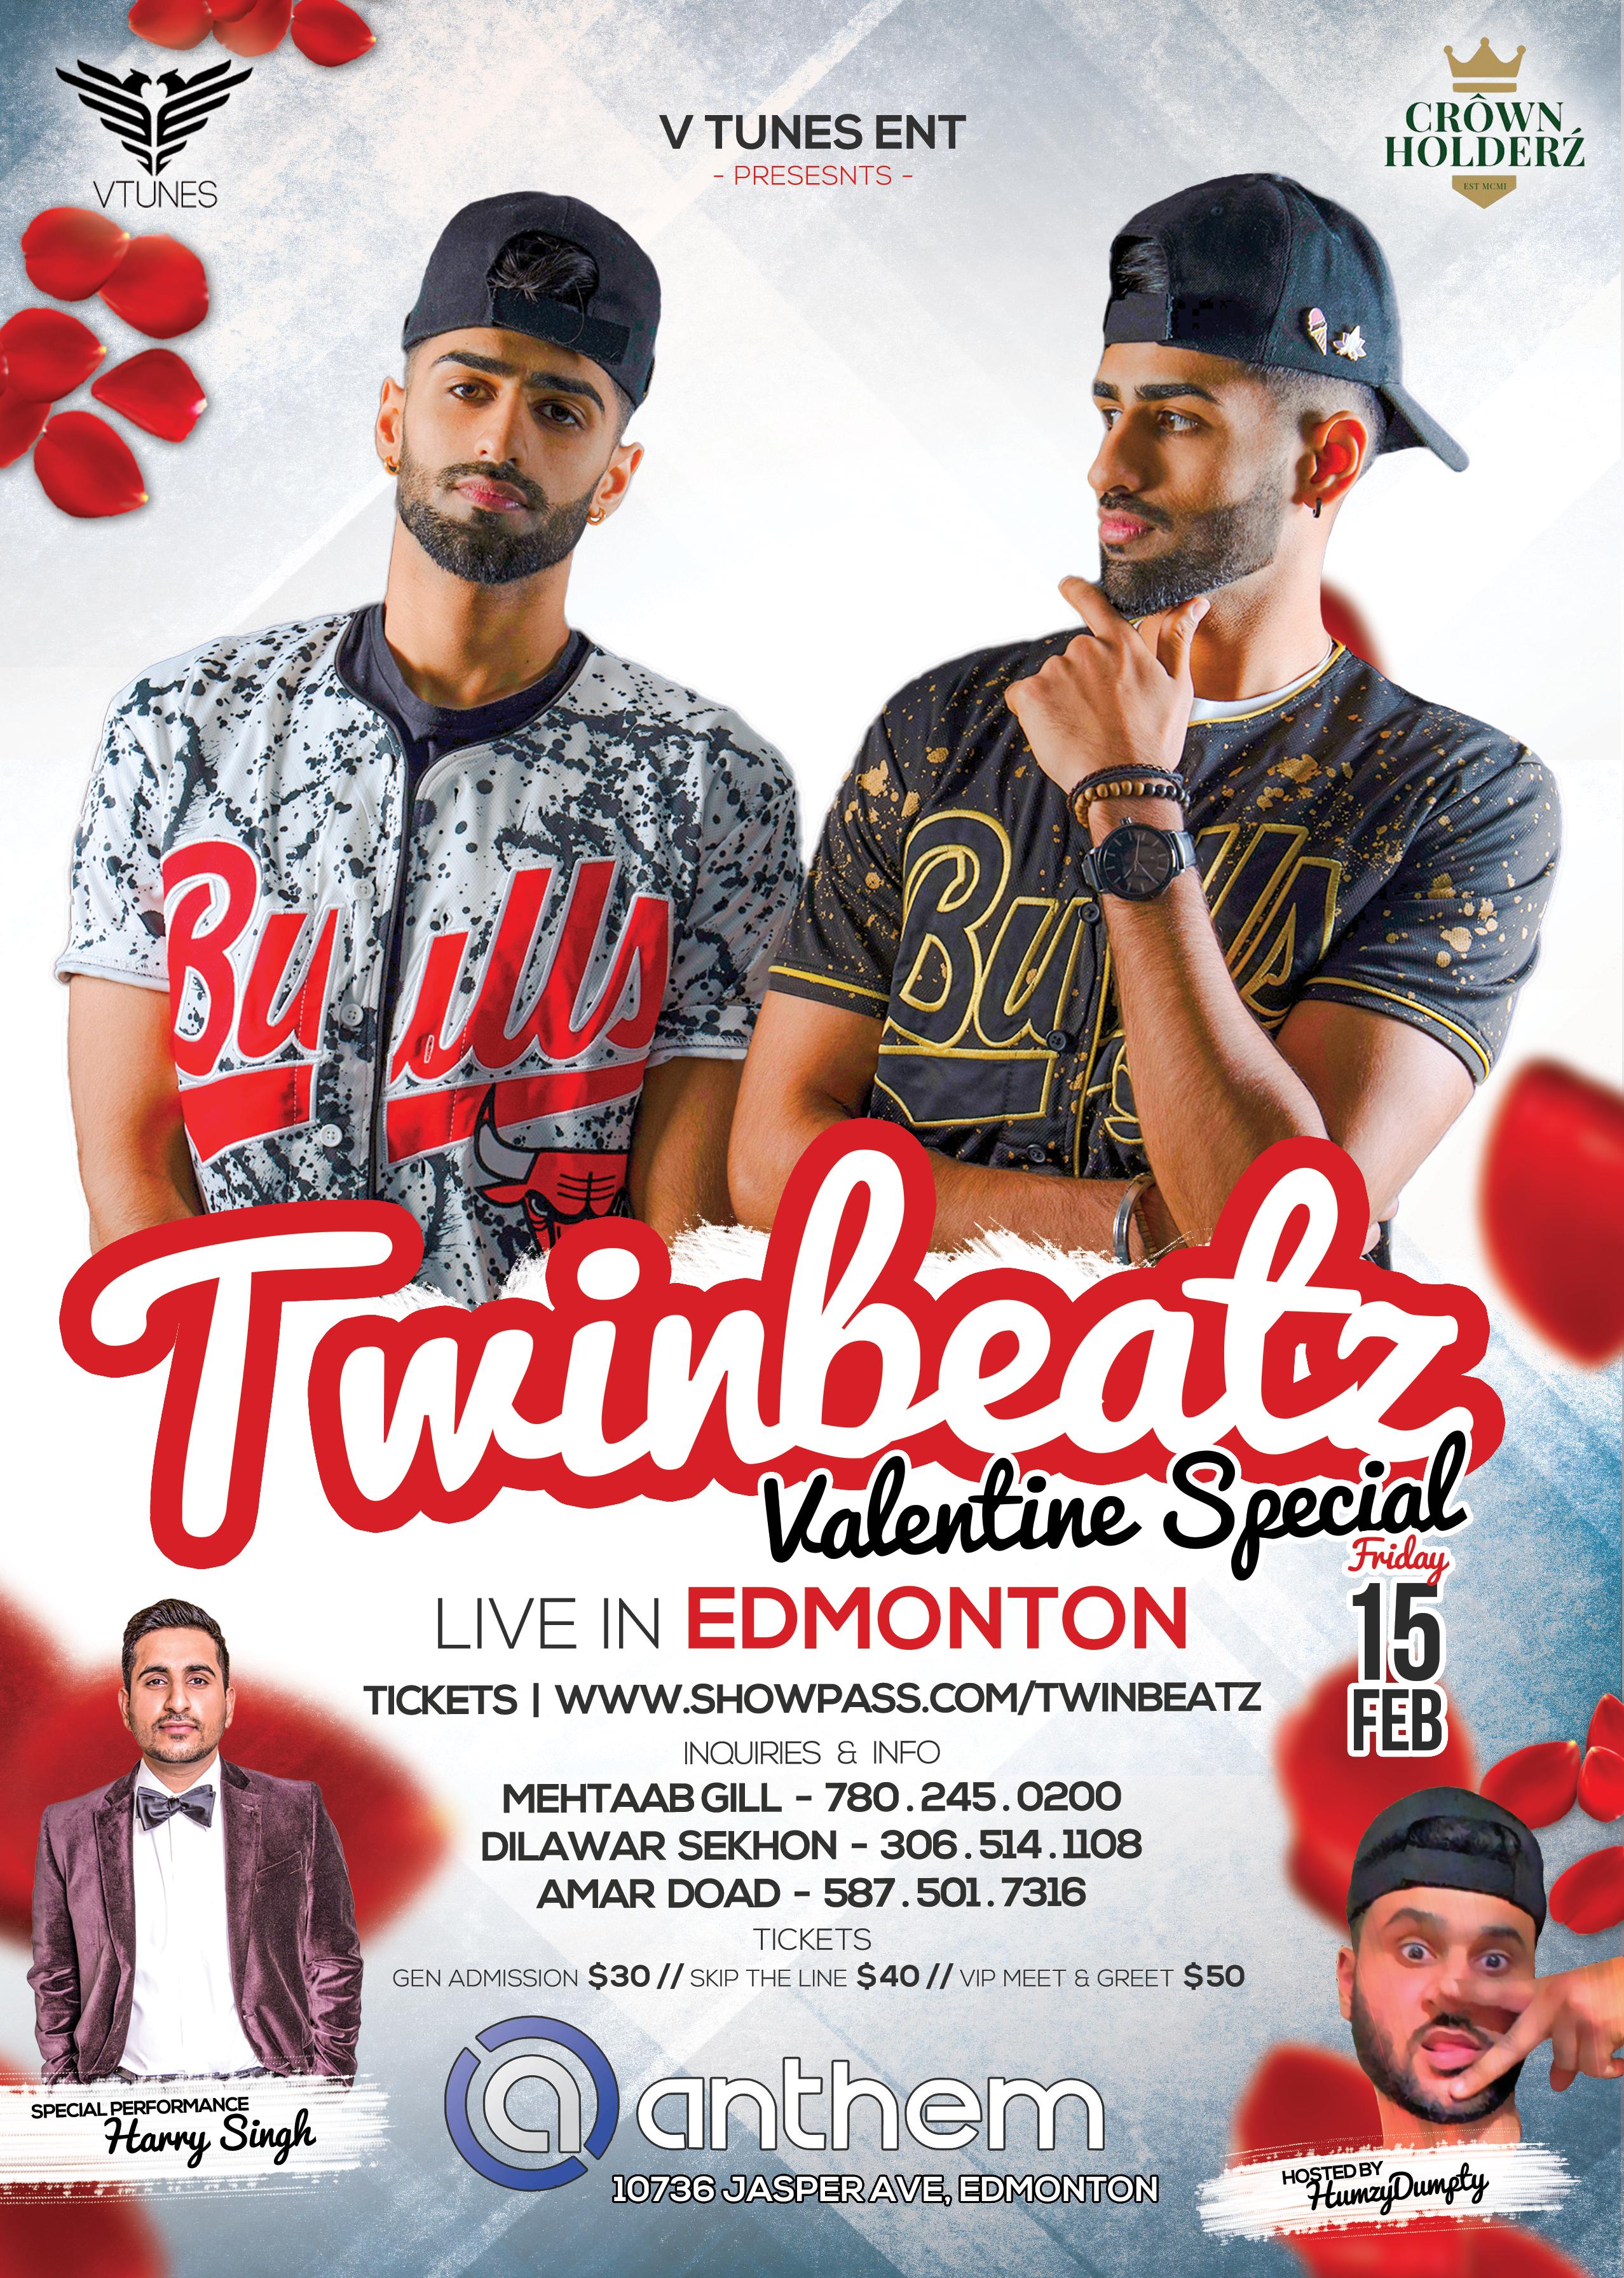 Twinbeatz Live at Edmonton 2k19